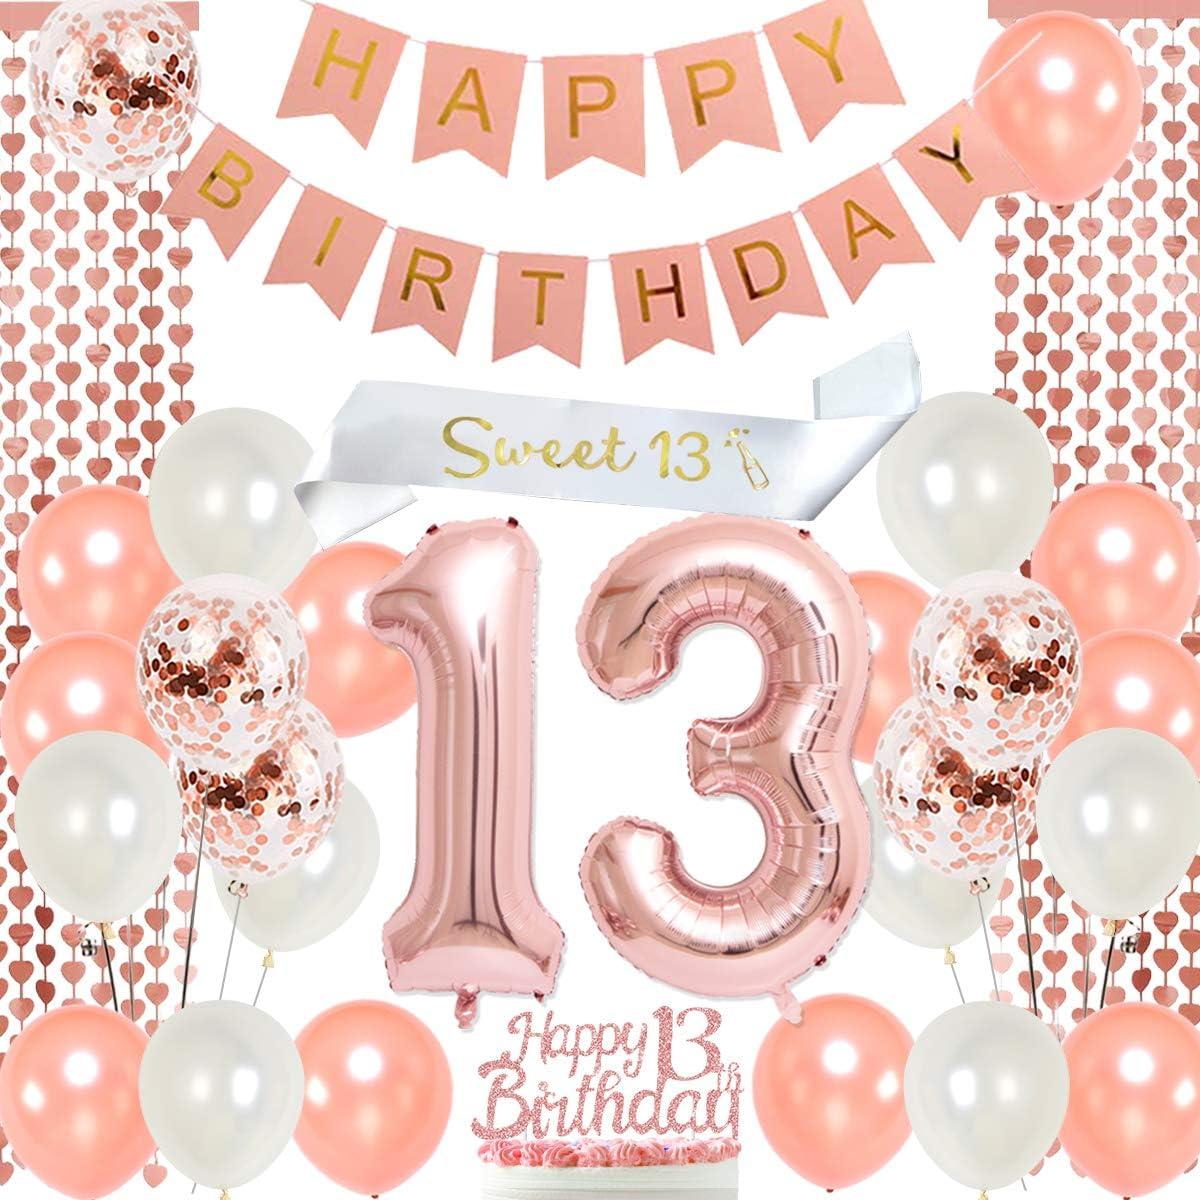 Meuparty 13 Jährige Geburtstagsfeierdekorationen Rotgold Weiß Süße 13 Schärpe Geburtstag Hängende Banner Cake Topper Nummer 13 Folienballons Küche Haushalt